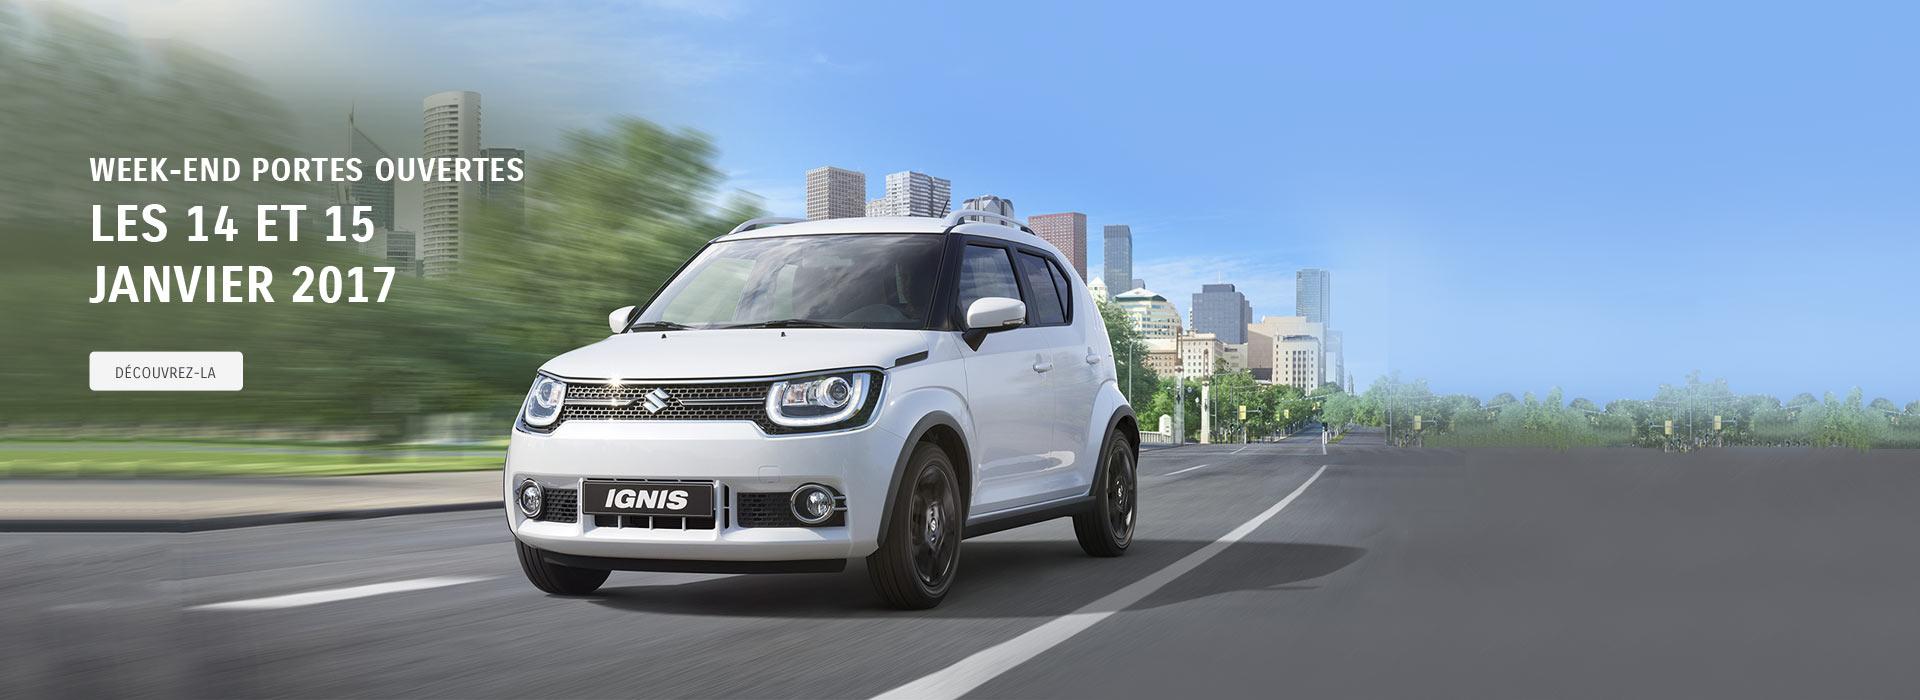 Suzuki paris concessionnaire garage val de marne 94 for Garage audi 94 saint maur